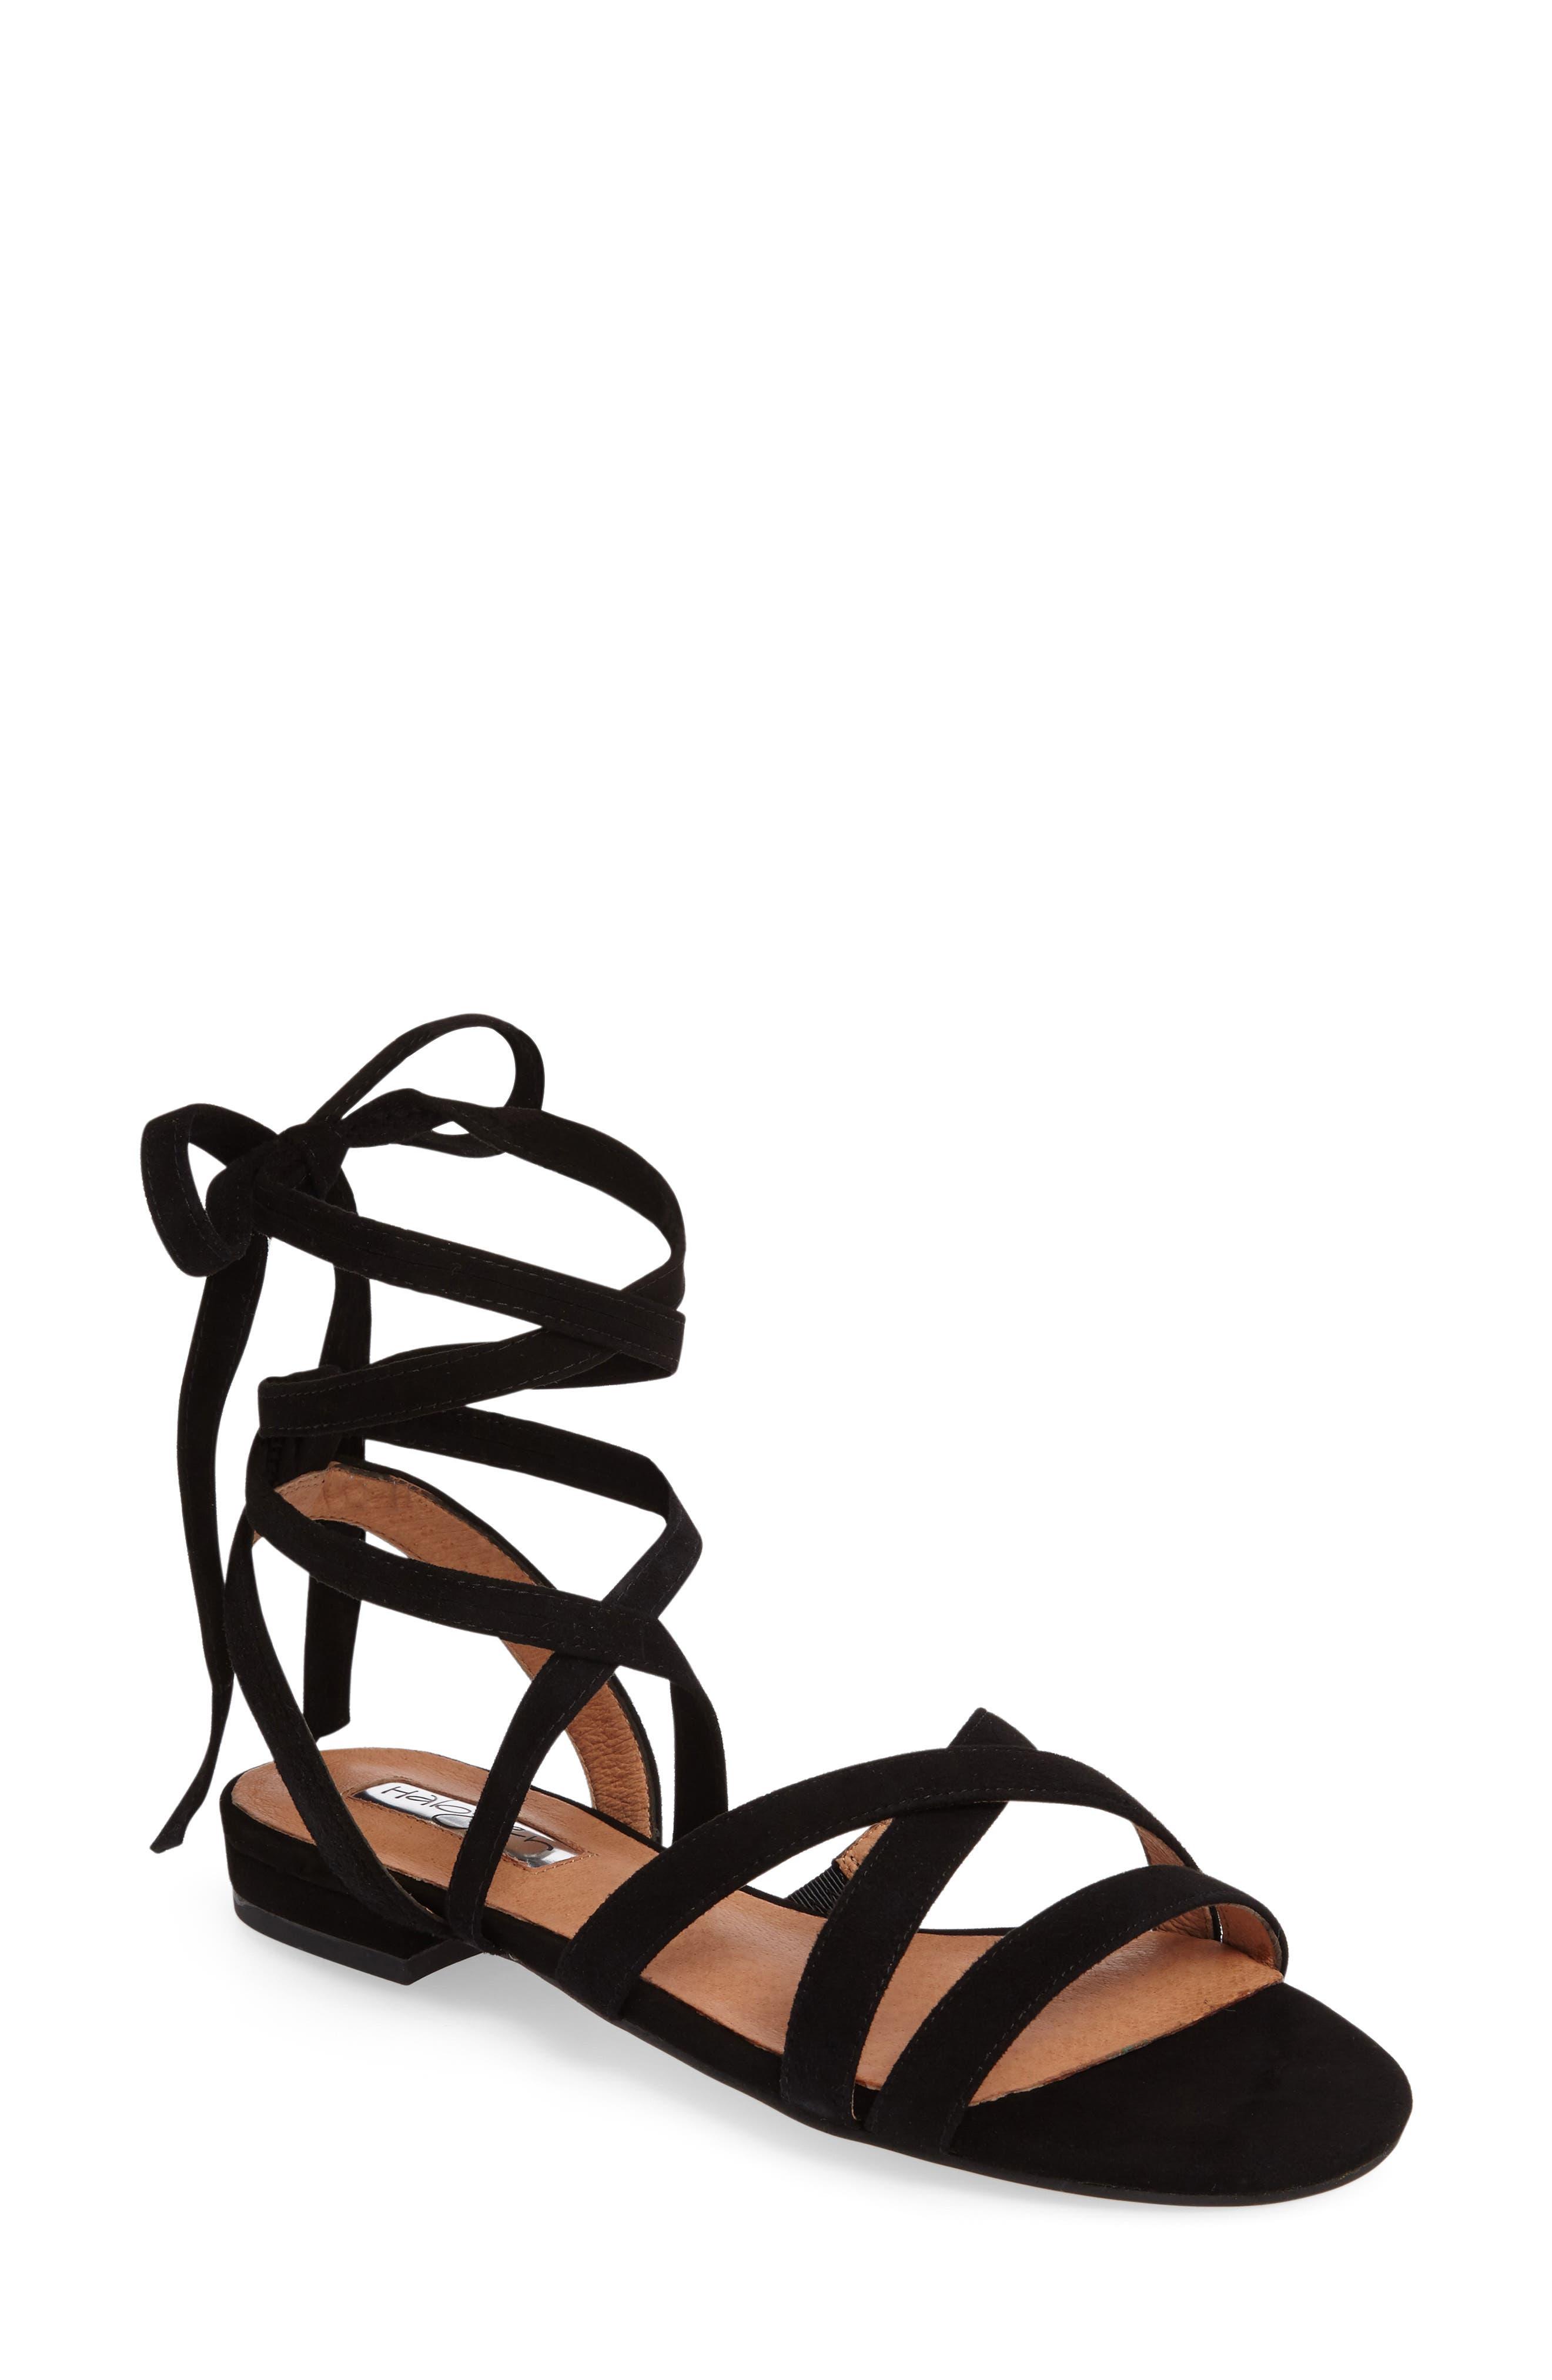 Alternate Image 1 Selected - Halogen® Frances Ankle Wrap Sandal (Women)